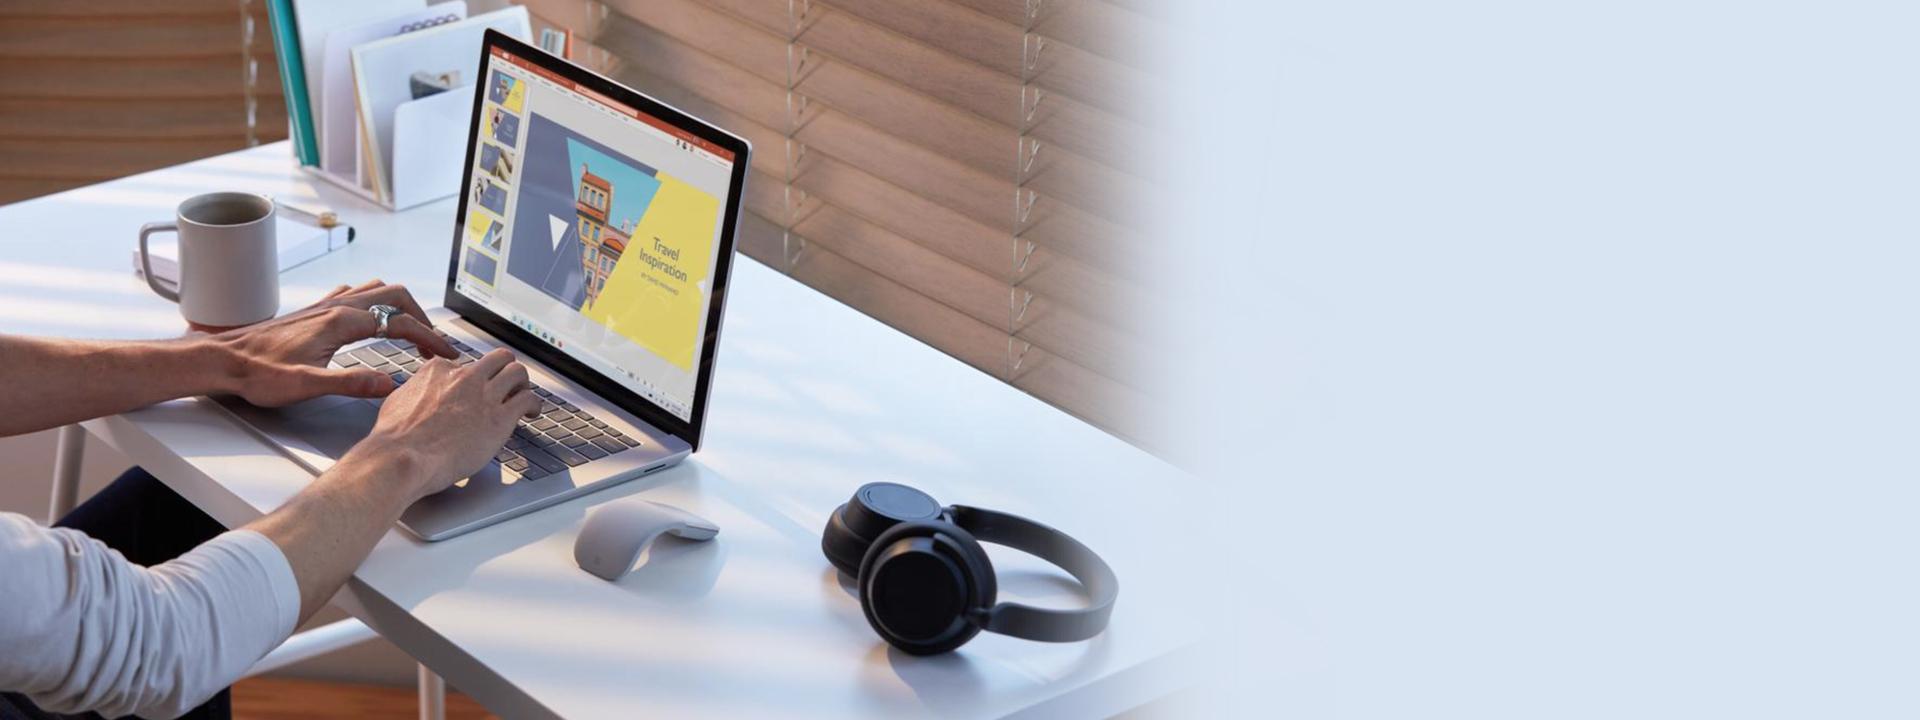 Surface Laptop 3 y Surface Headphones sobre una mesa